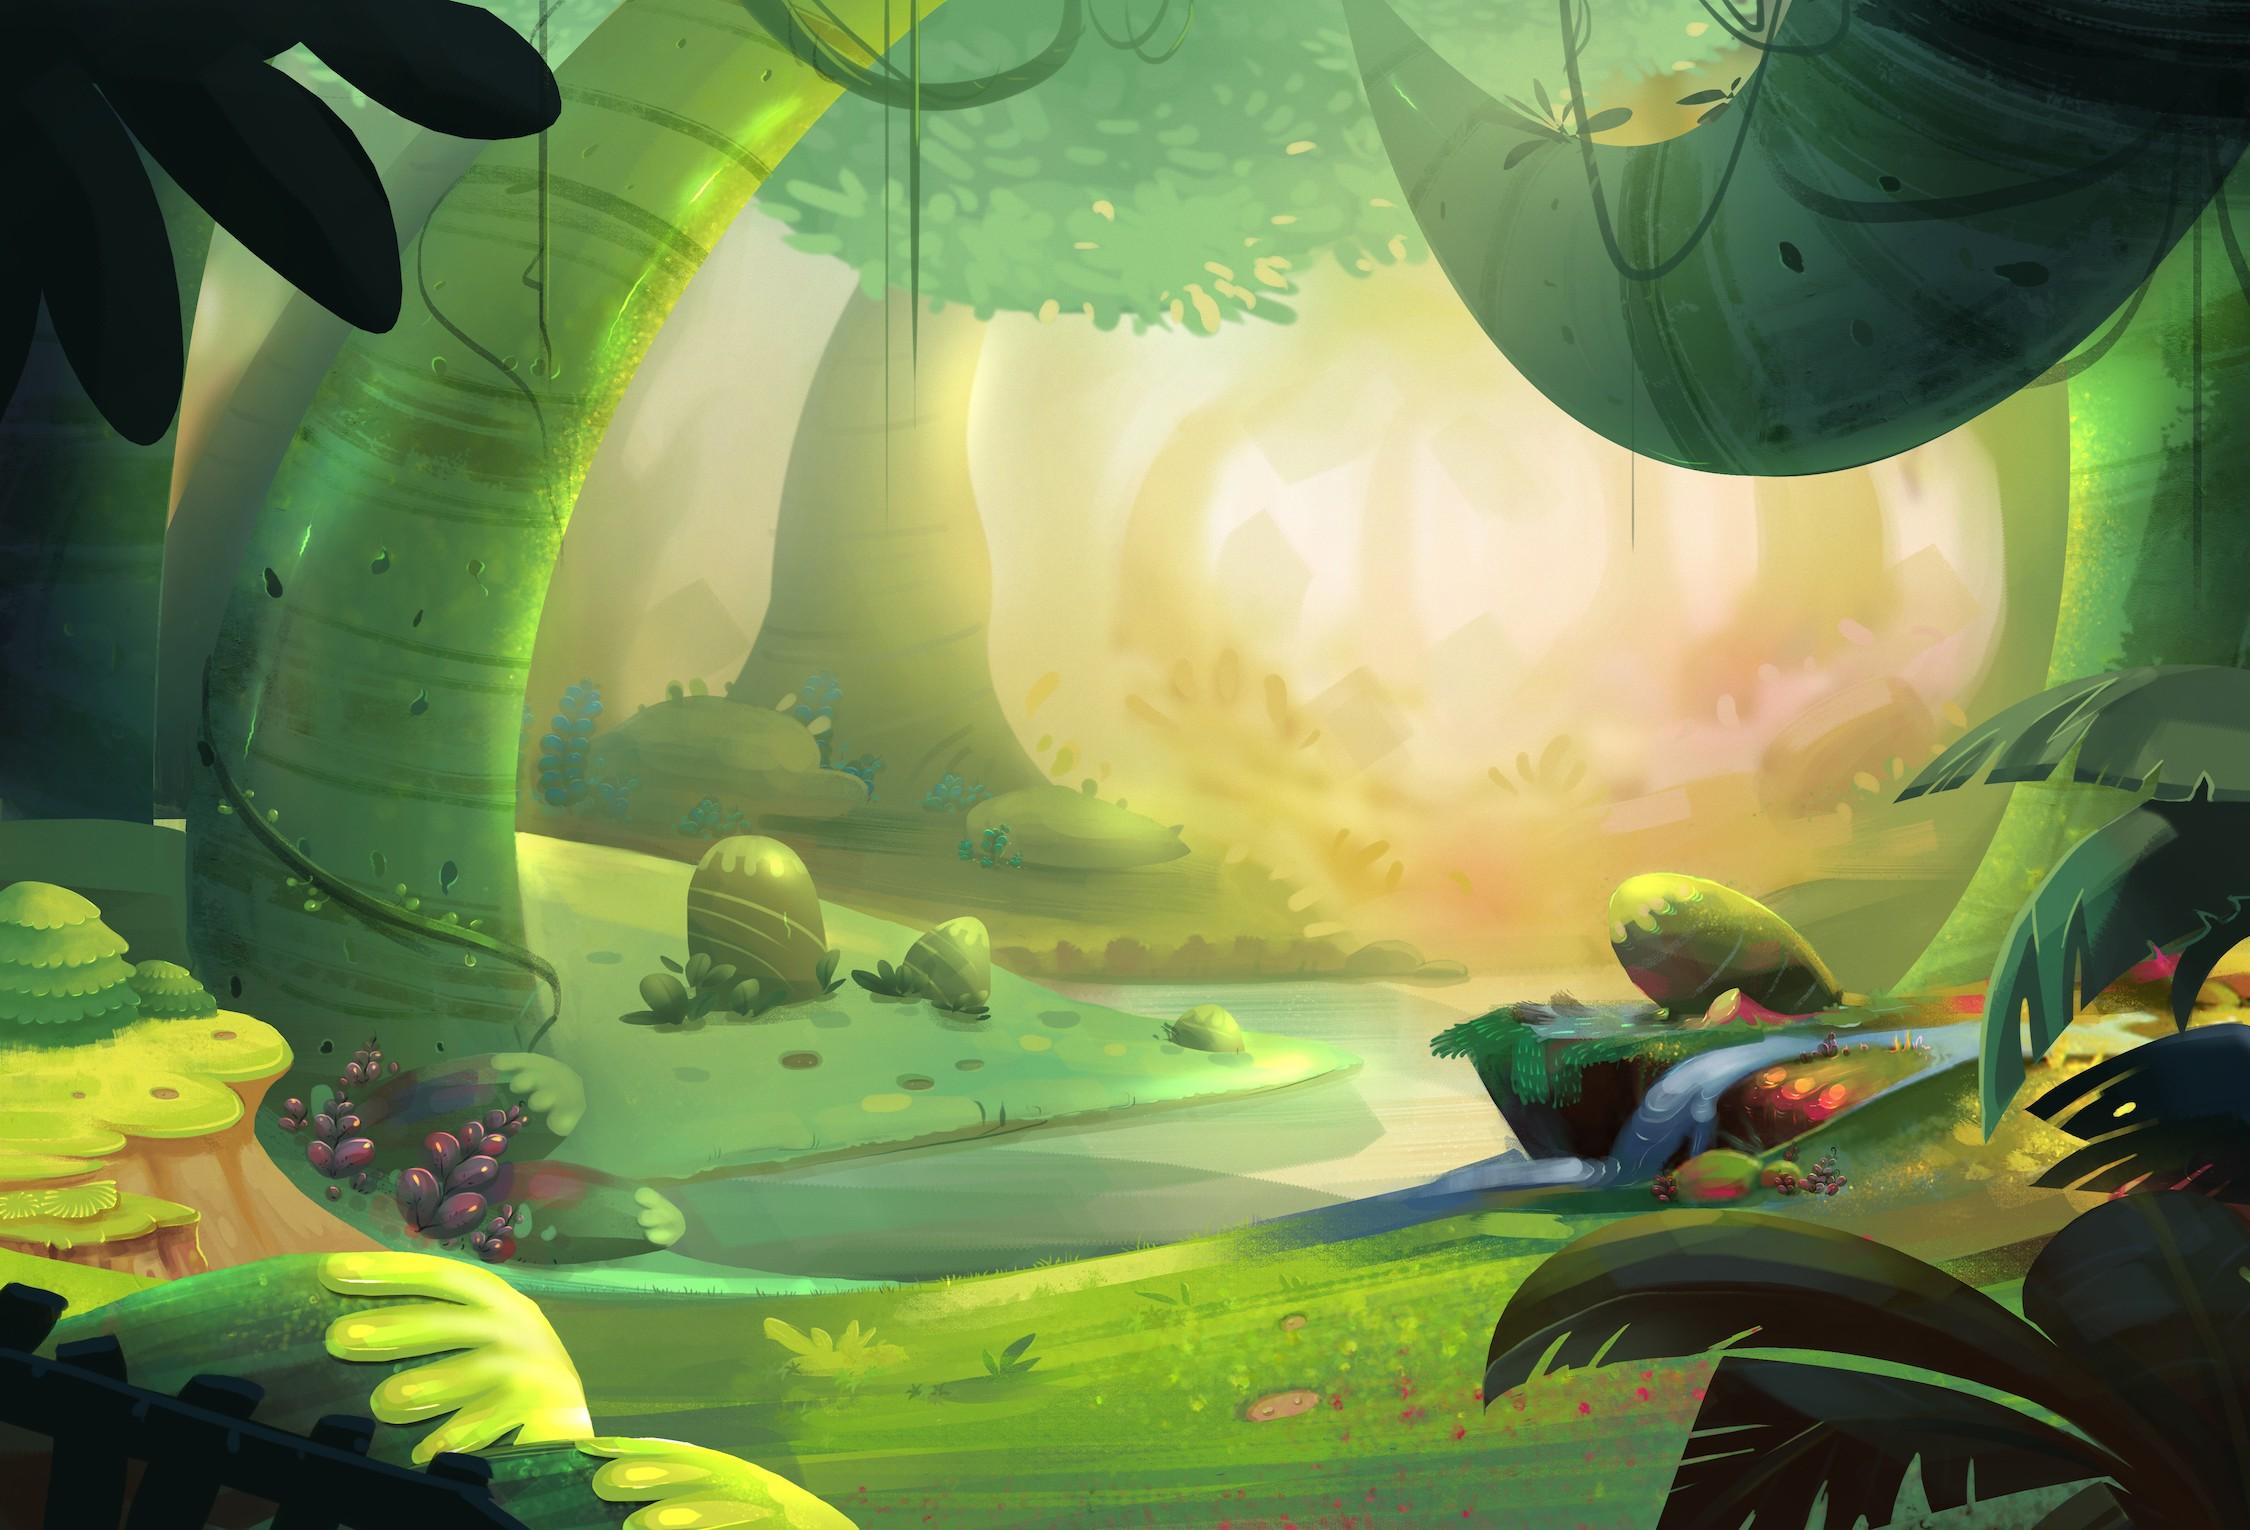 La forêt attend d'être découverte papiers peints photo 3D